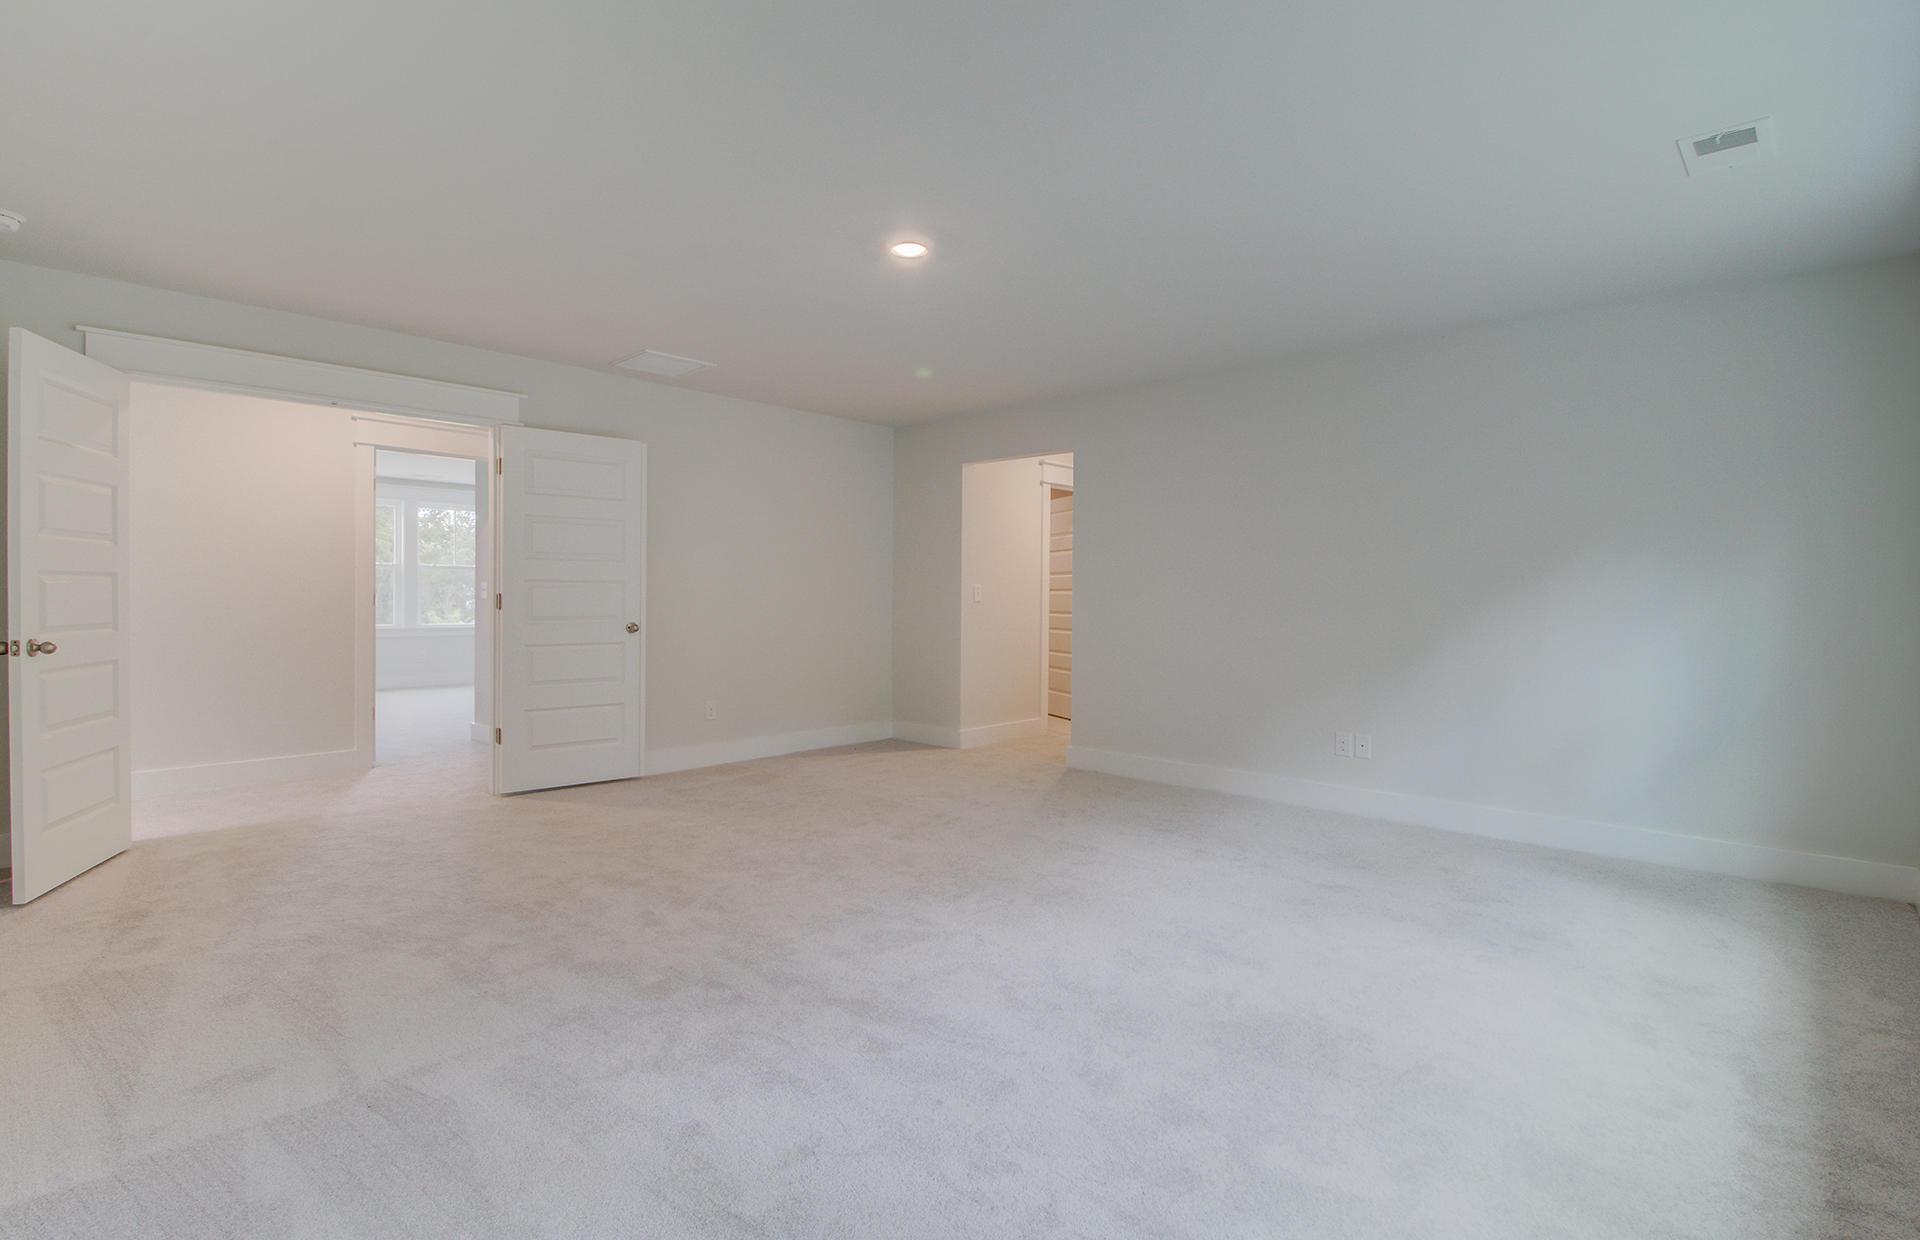 Park West Homes For Sale - 3013 Caspian, Mount Pleasant, SC - 0